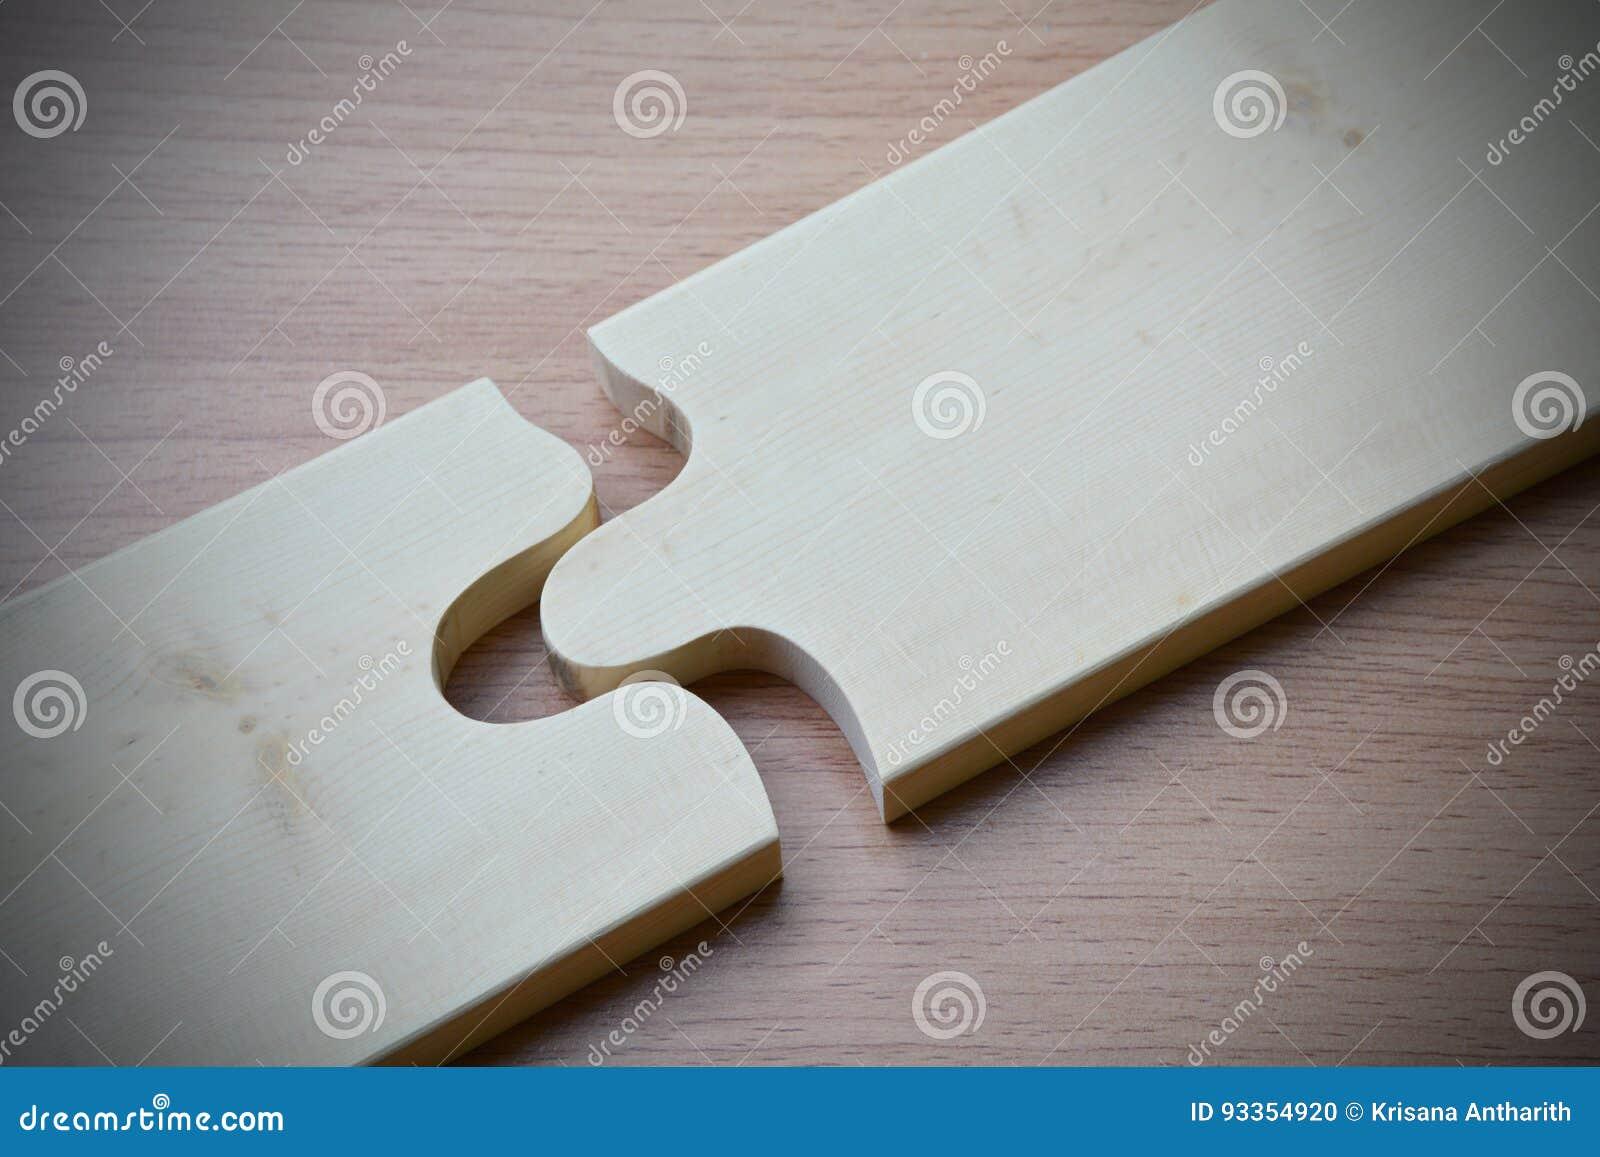 ξύλινο σχέδιο σύστασης κομματιού τορνευτικών πριονιών στην ξύλινη ξύλινη πλάτη επιτραπέζιων γραφείων